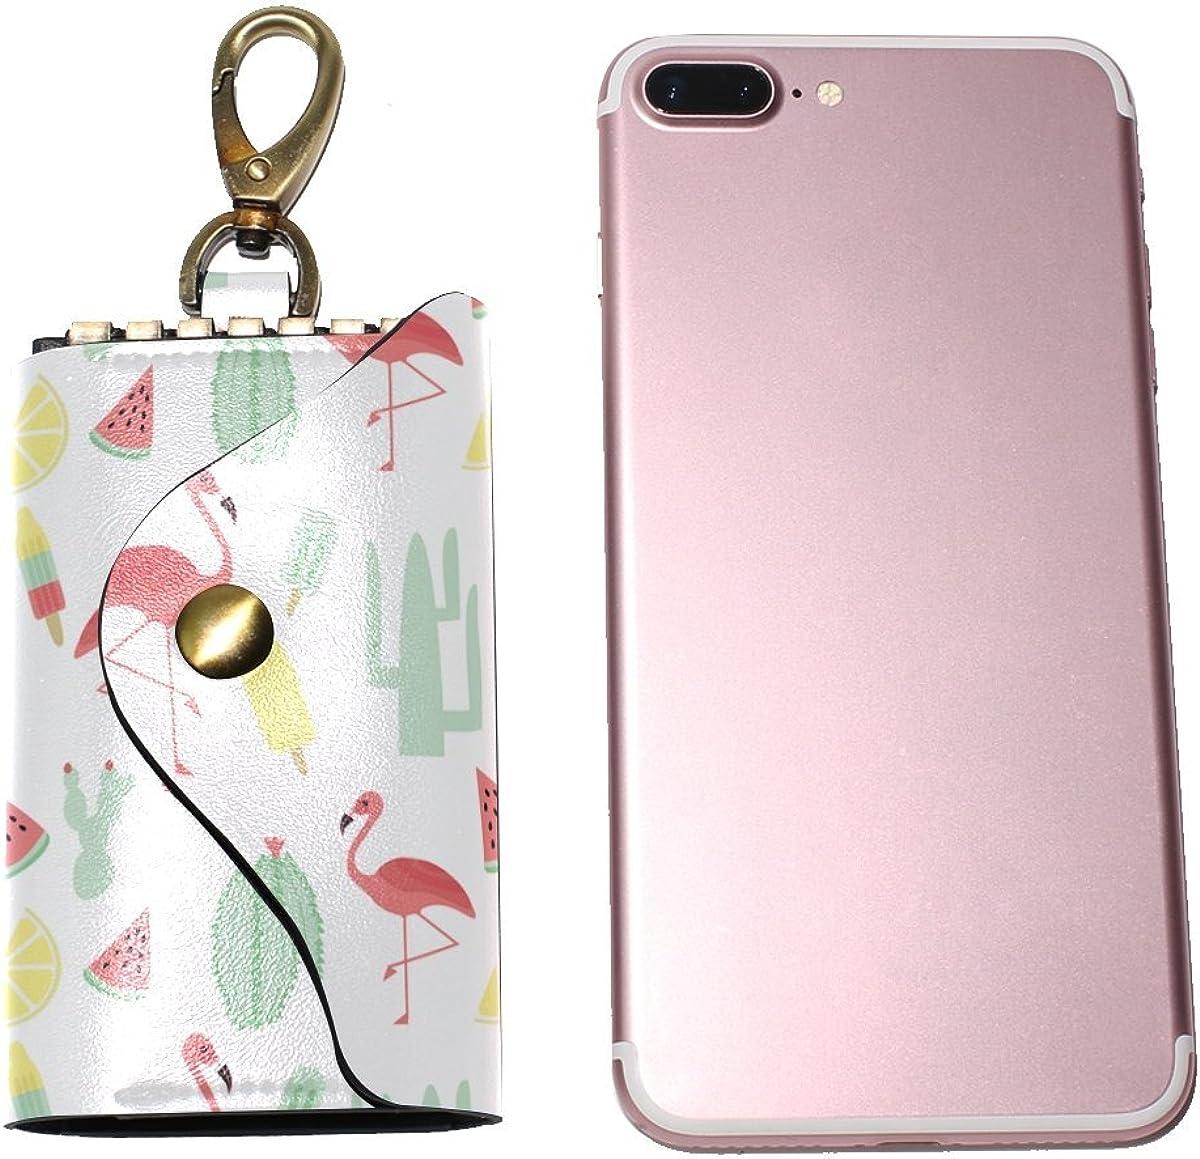 DEYYA Tropical Flamingo Leather Key Case Wallets Unisex Keychain Key Holder with 6 Hooks Snap Closure